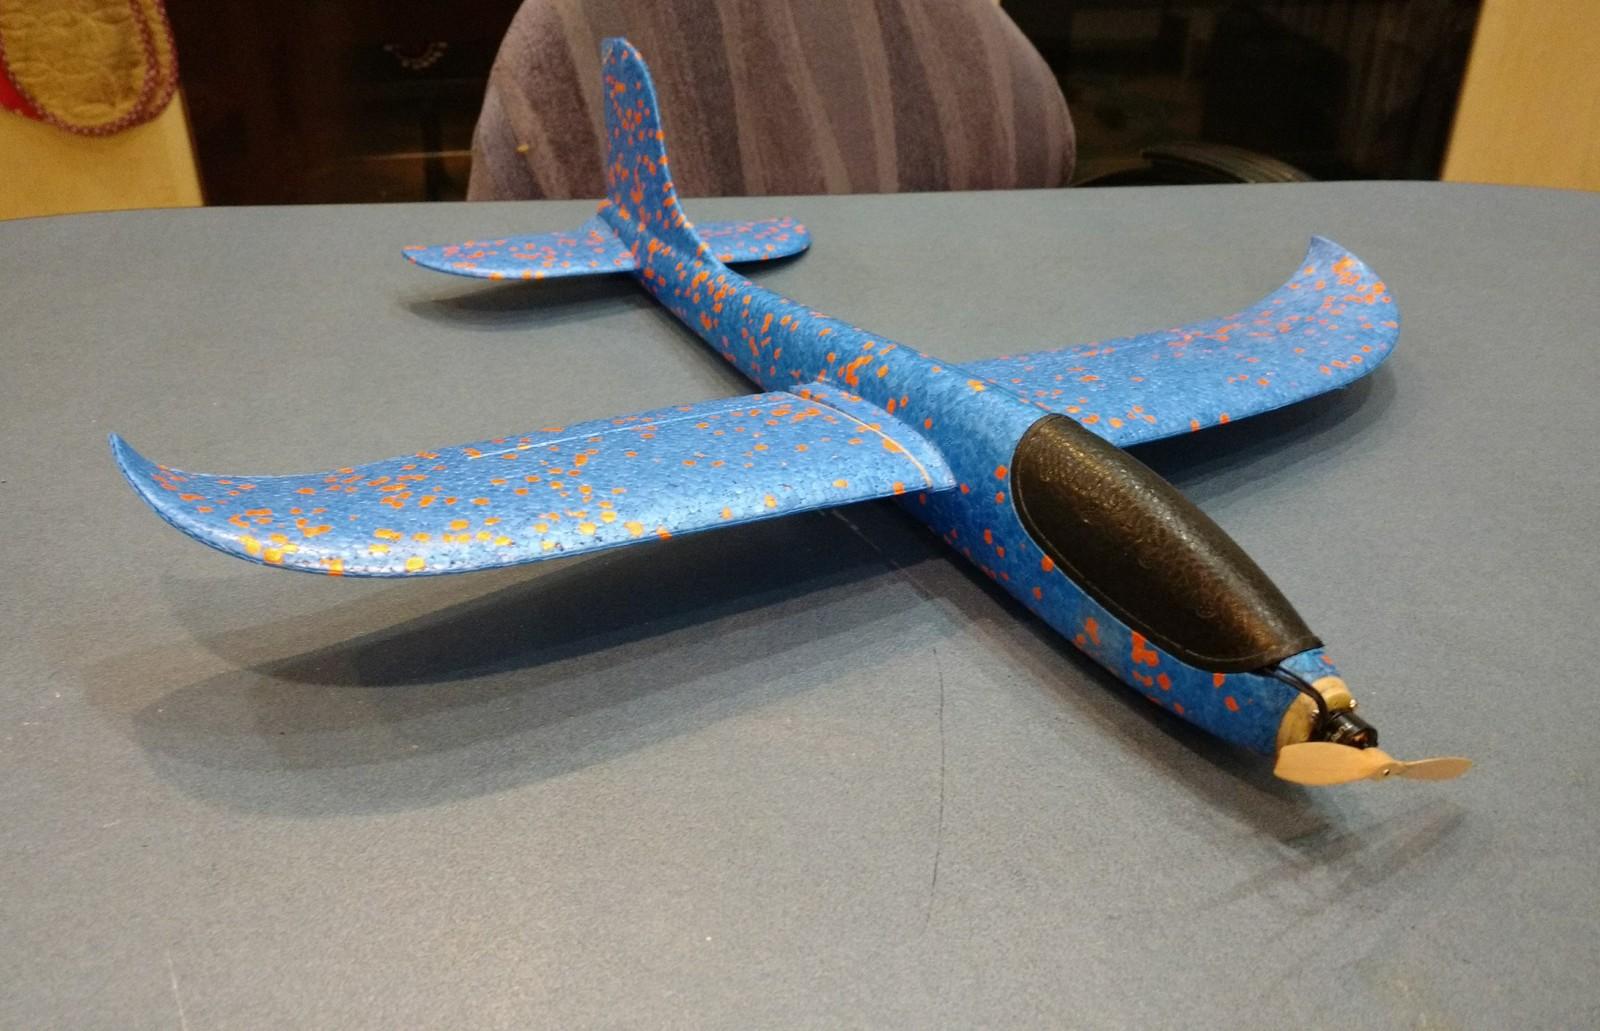 Как сделать из метательного планера самолёт мастерская